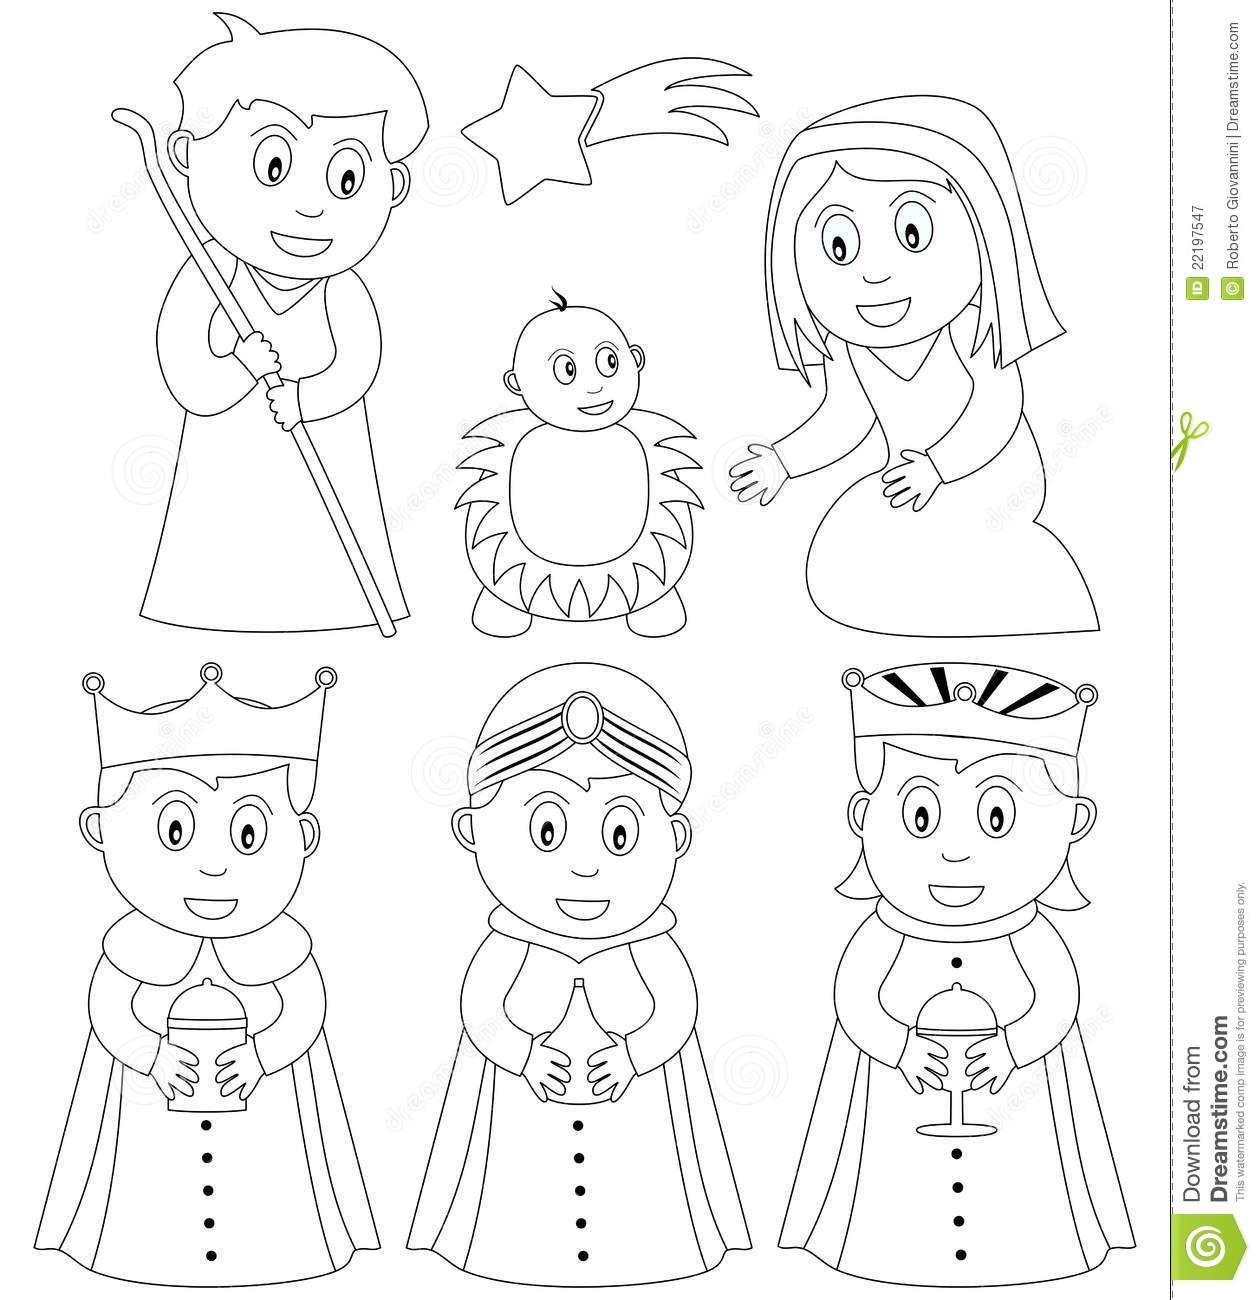 Dibujos Para Colorear Del Nacimiento De Jesus En Un